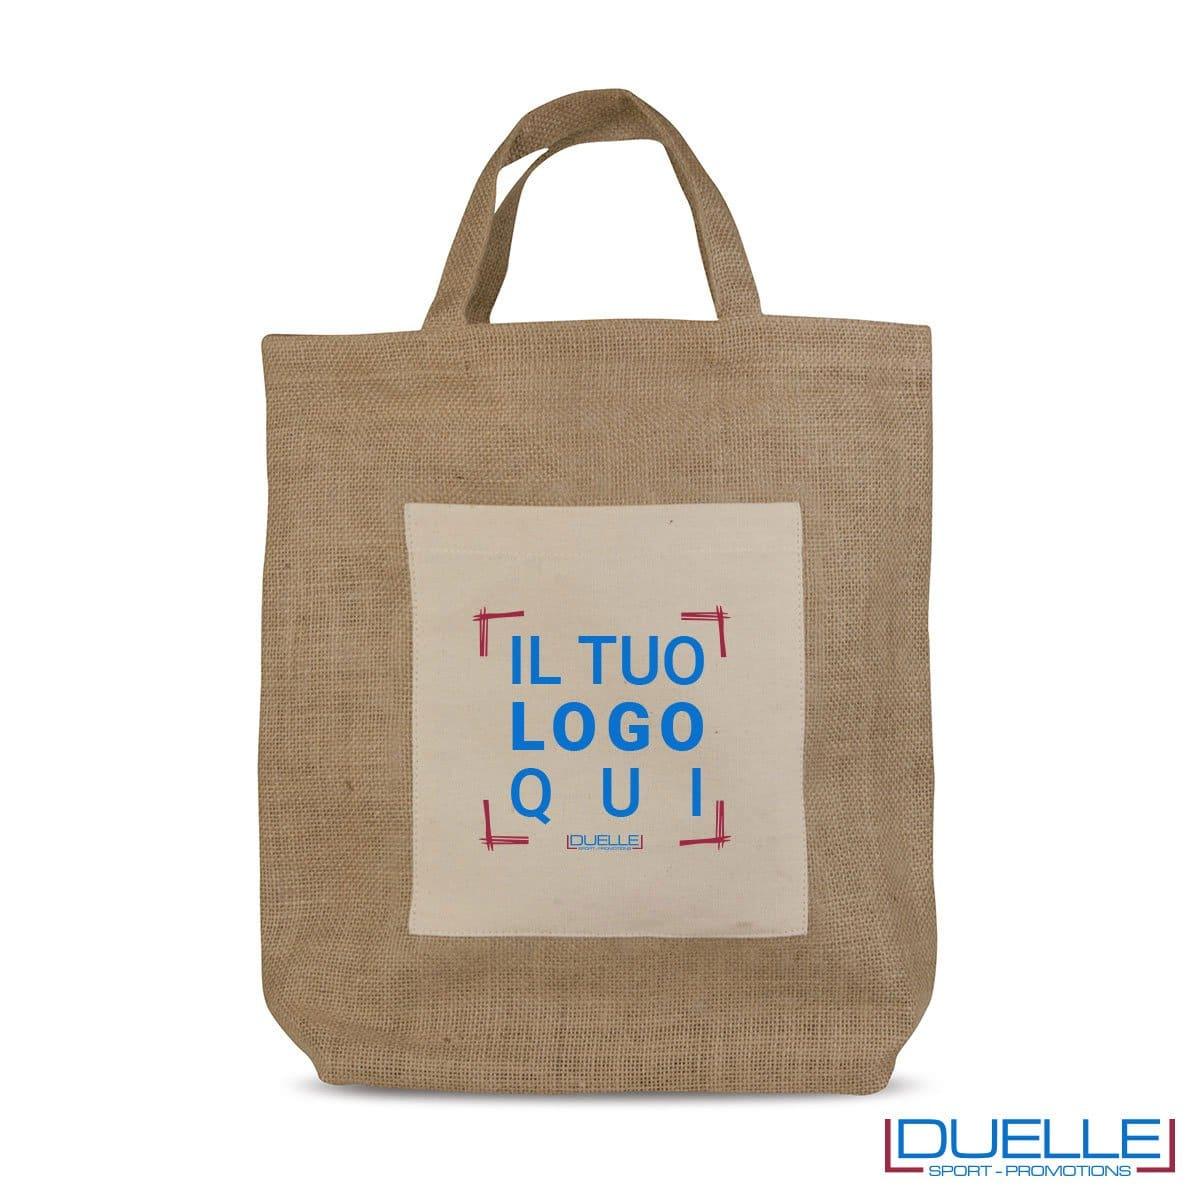 Shopper Personalizzate in Iuta e Cotone, Borse Economiche Personalizzate, Gadget Personalizzati, gadget Aziendali